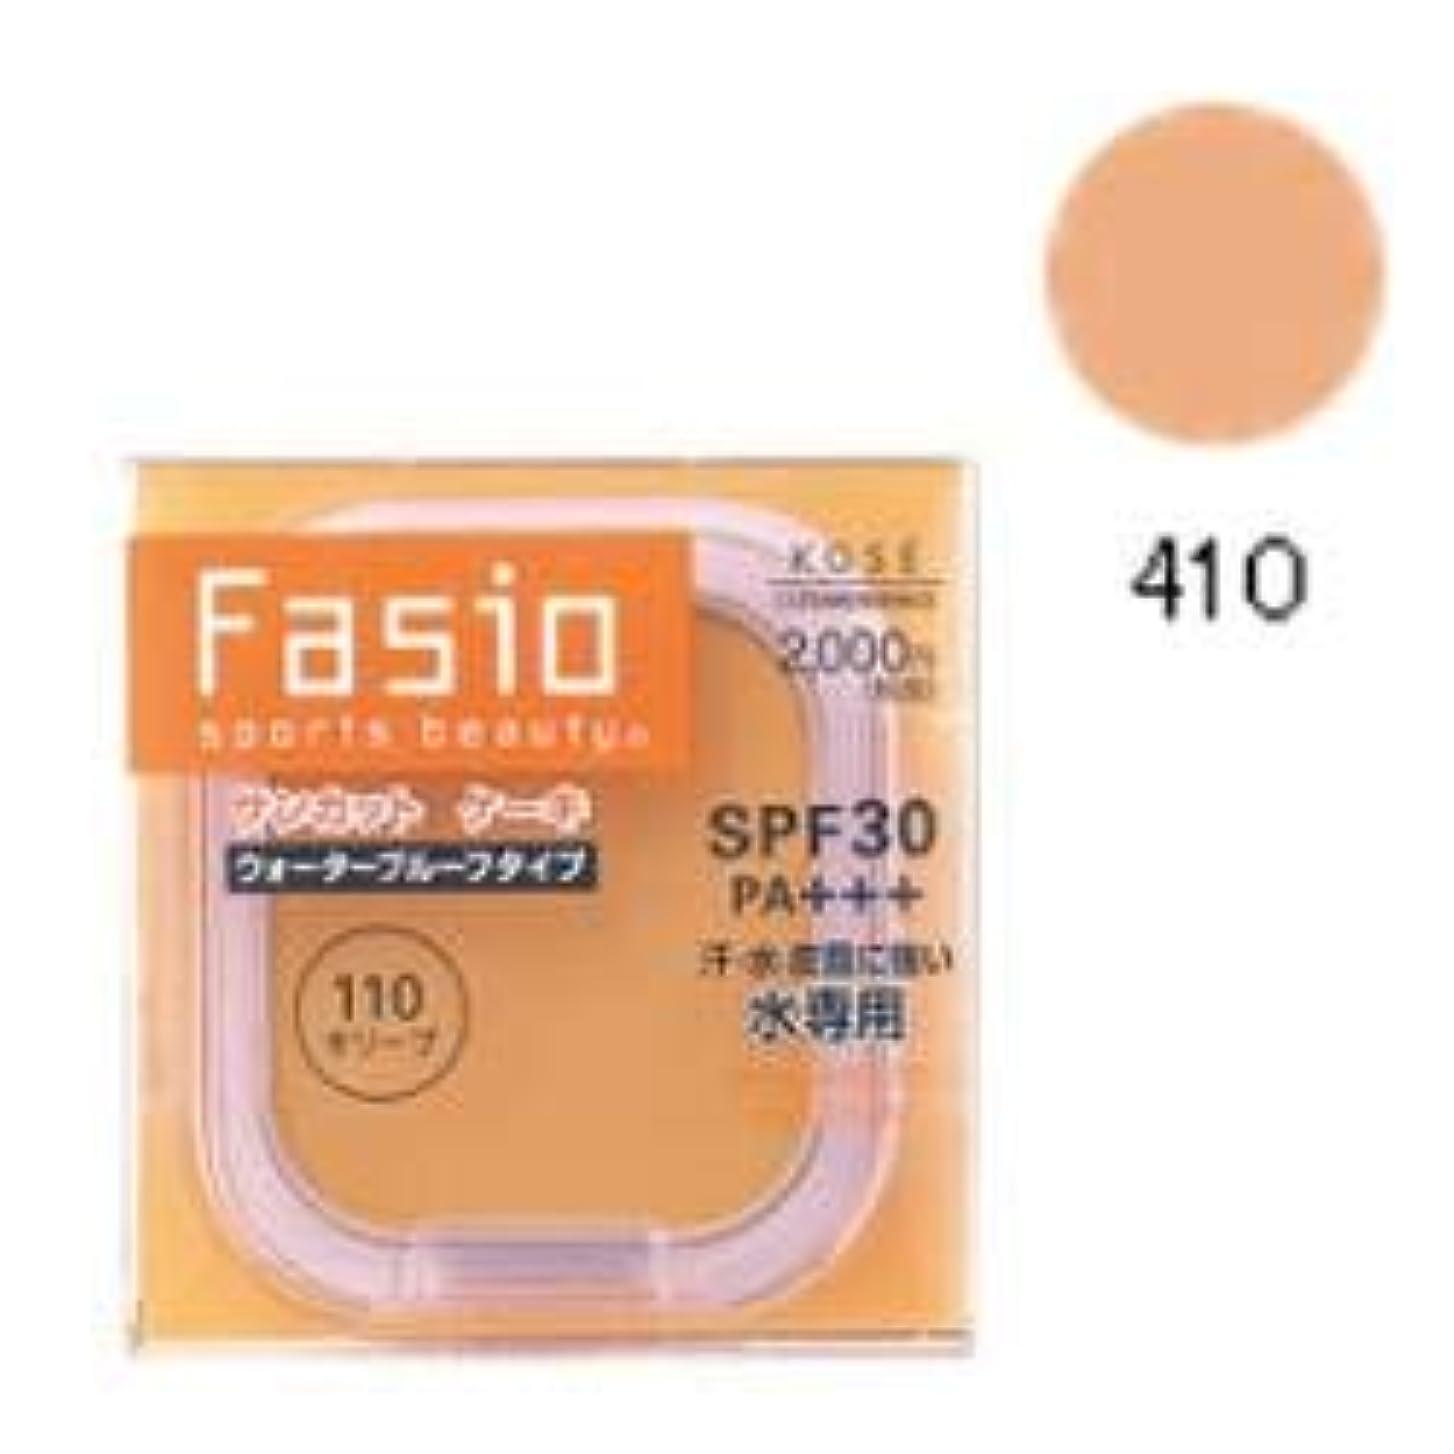 甘美な切手直立コーセー Fasio ファシオ サンカット ケーキ 詰め替え用 410